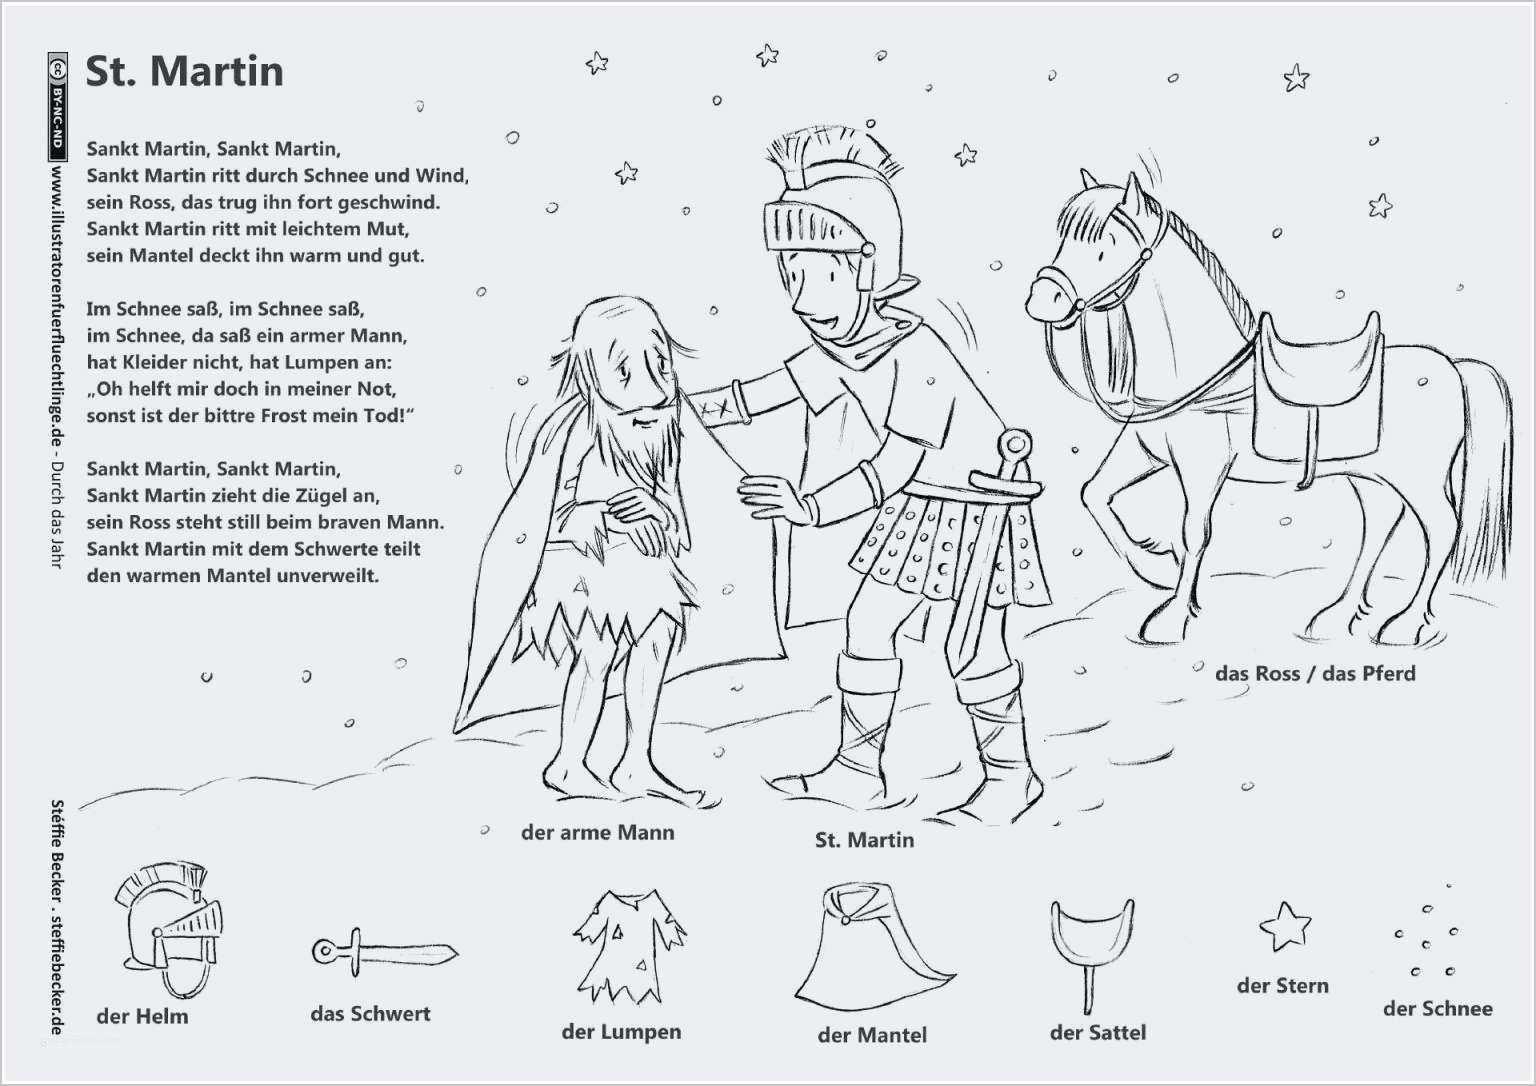 Ausmalbilder Weihnachten Tweety Inspirierend Rabe socke Ausmalbild Leicht 45 3d Ausmalbilder Trav Stock